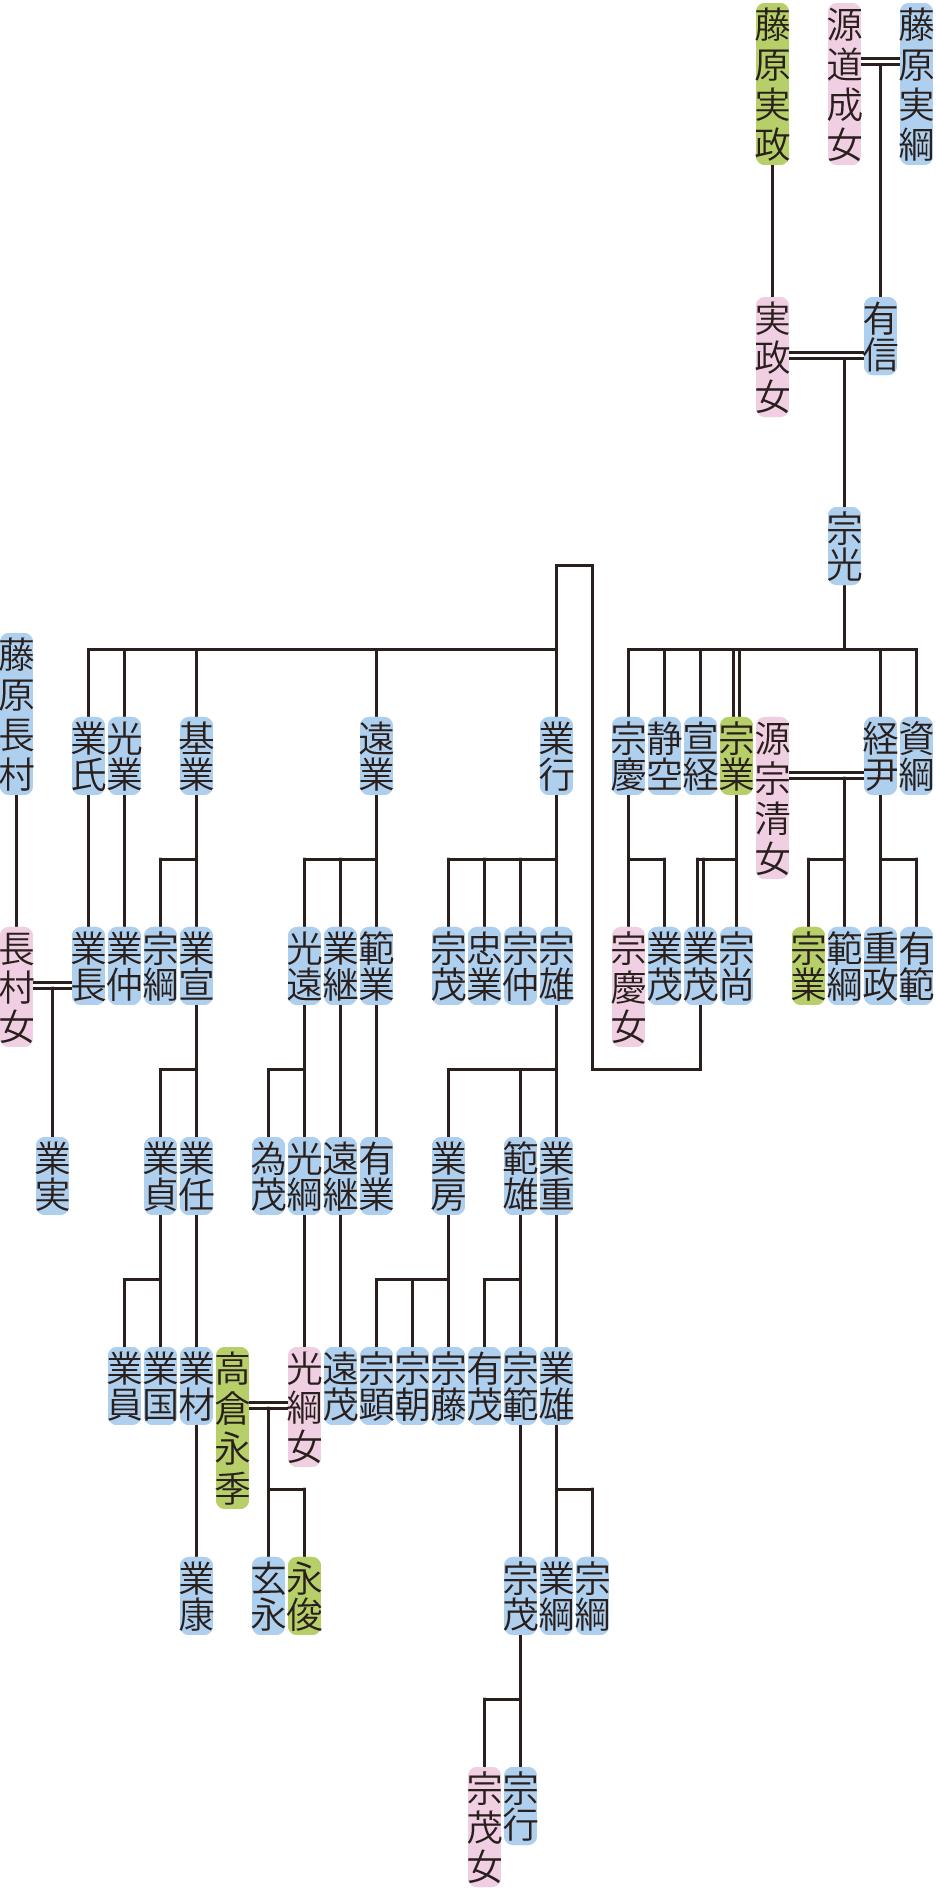 藤原宗光の系図